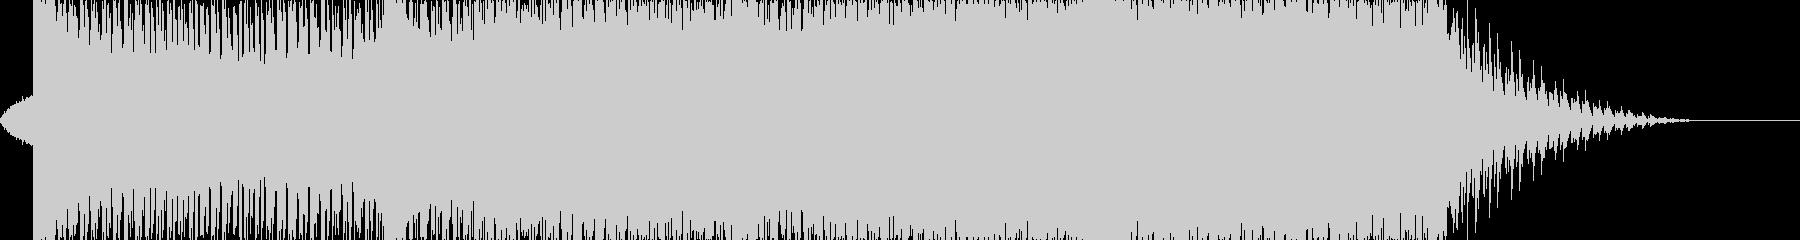 躍動的なオープニング・サイバートランス曲の未再生の波形